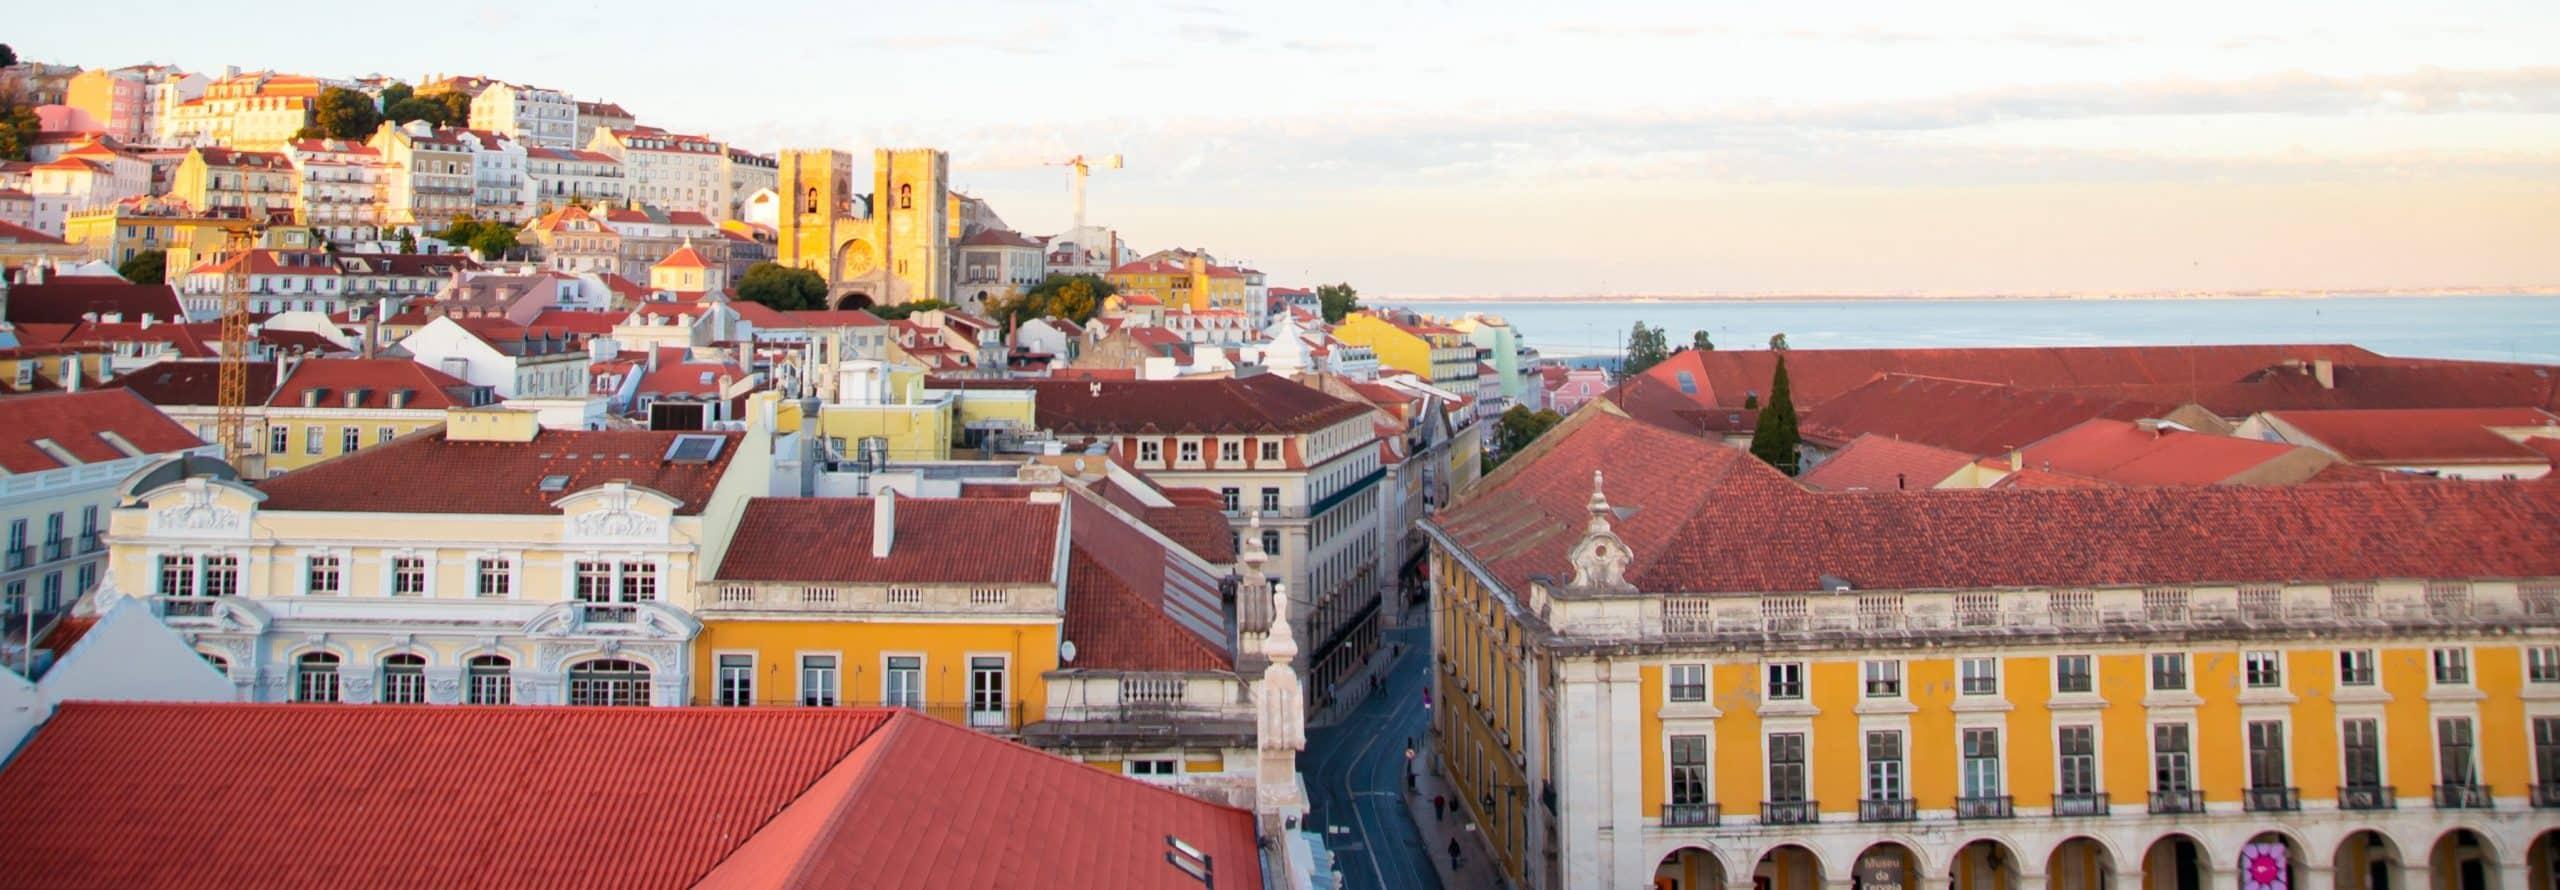 Principais alterações ao Programa Golden Visa em Portugal